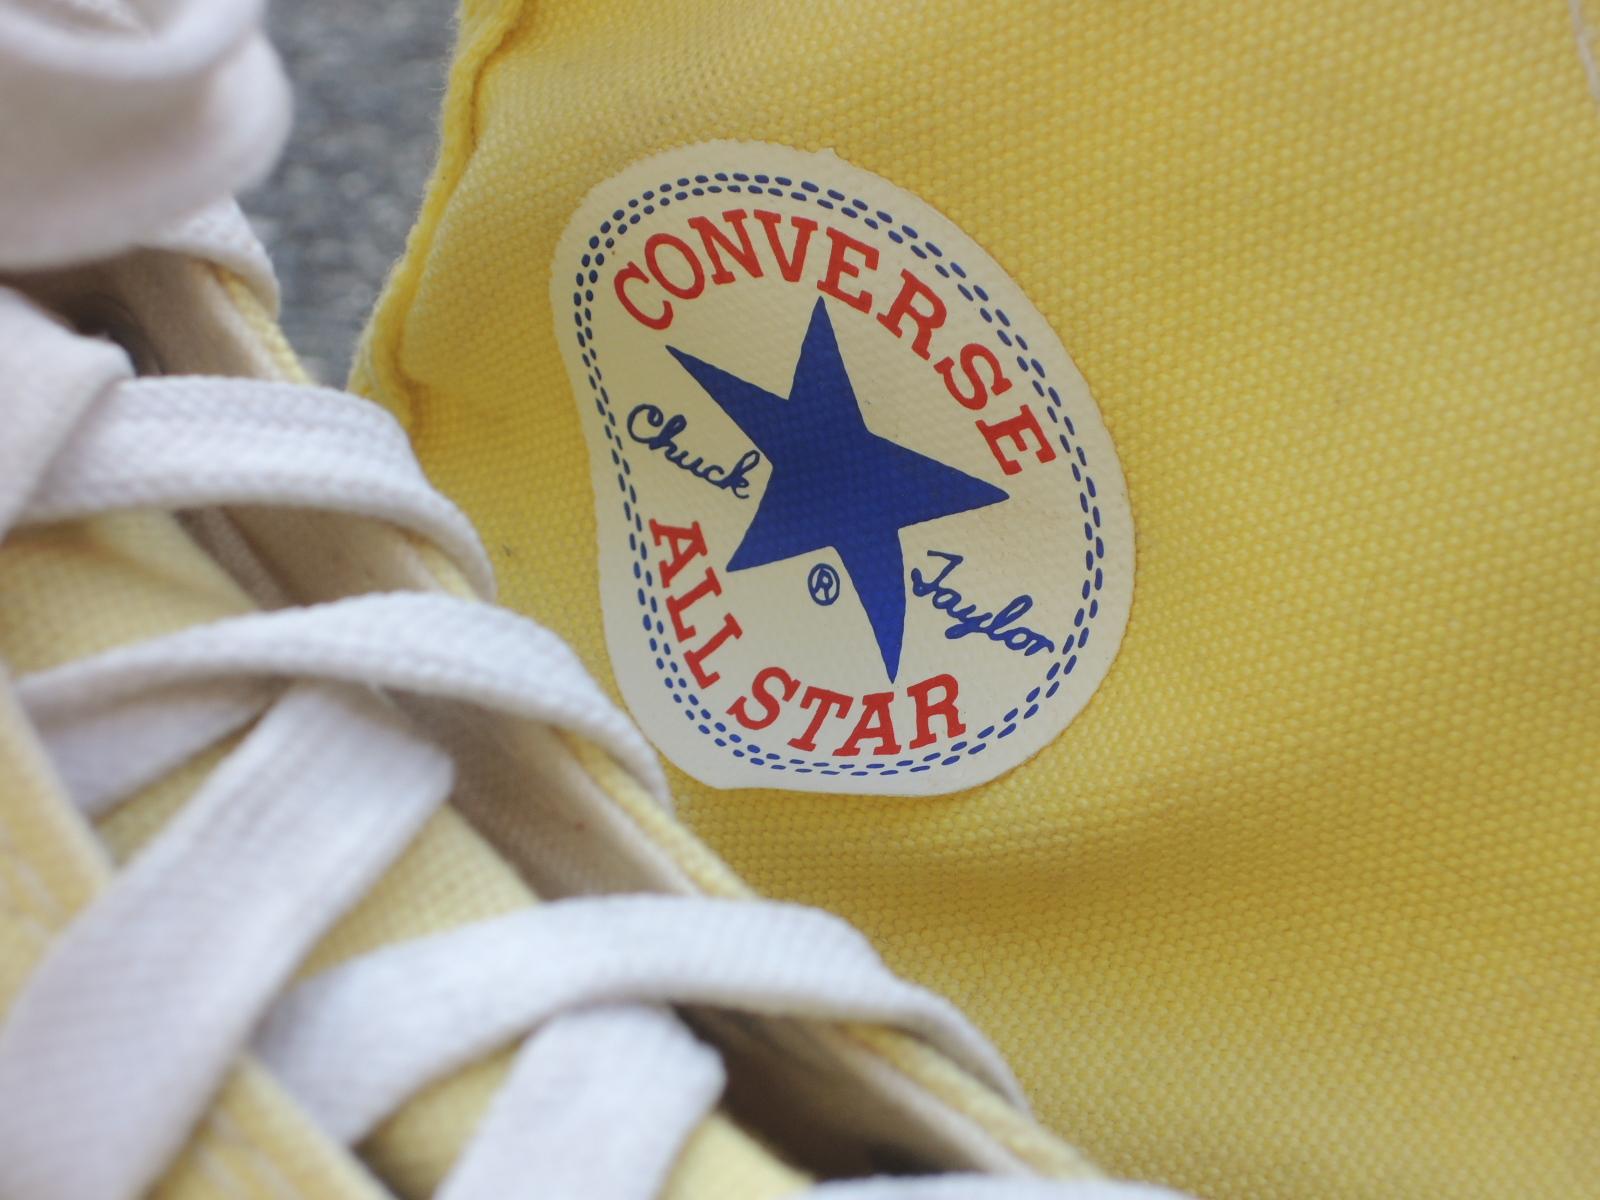 converseallstar07.JPG